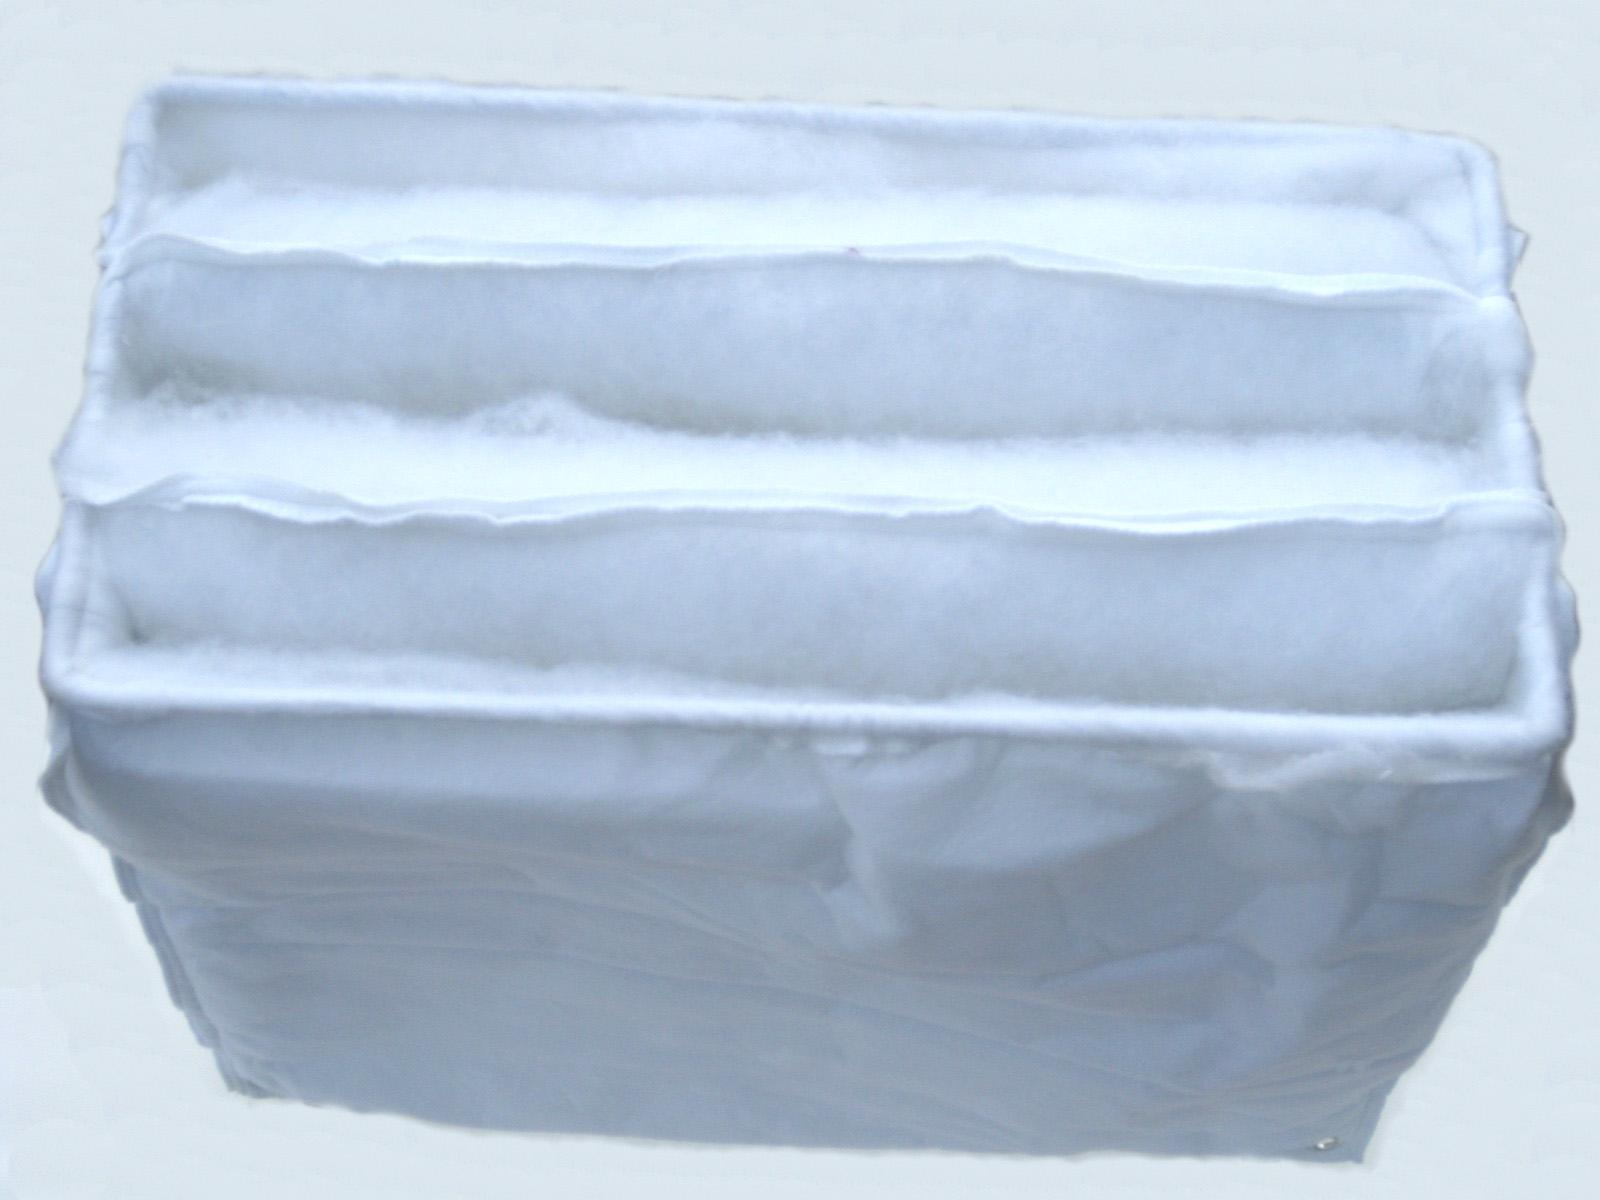 塗装ブース 給気フィルター給気フィルター 塗装ブース スリーポケットフィルター, ふすま宅配サービス:fe6e04d5 --- sunward.msk.ru